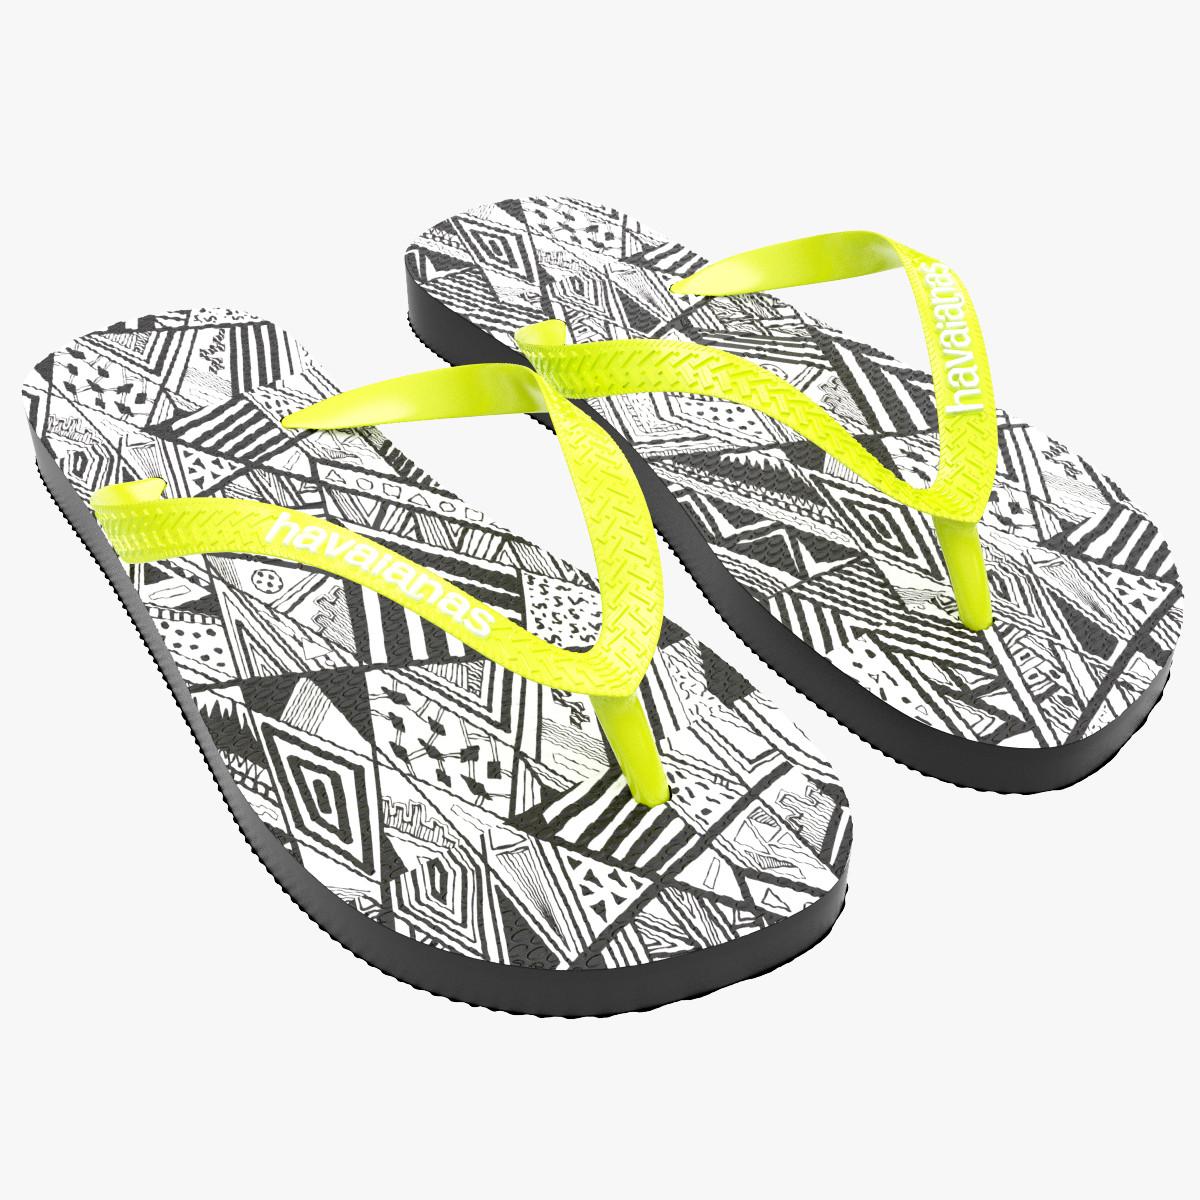 Sandals_Signature - Cópia.jpg